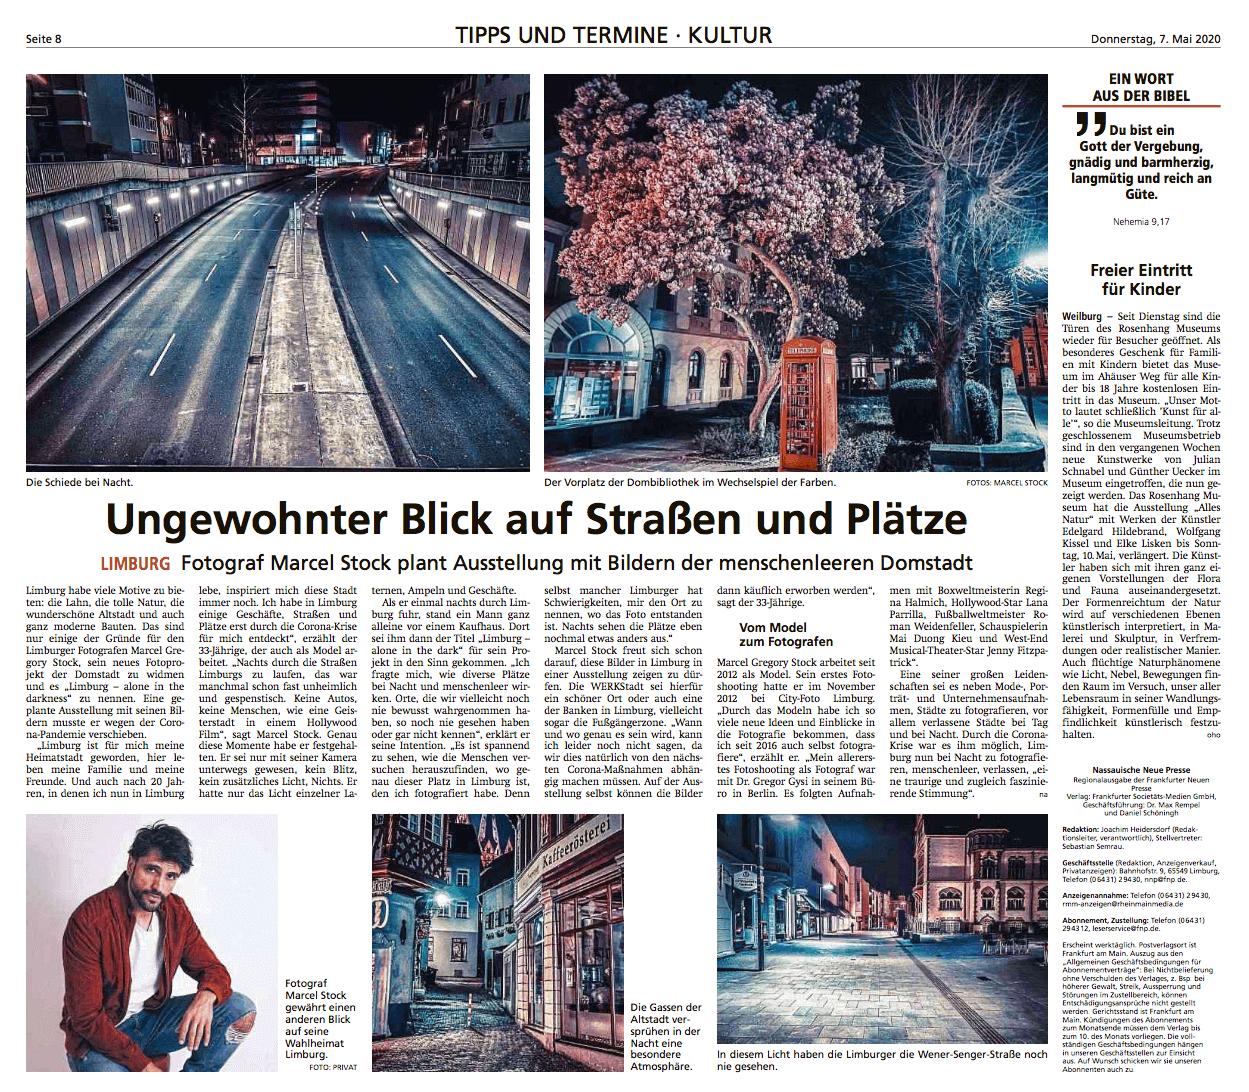 NNP - Nassauische Neue Presse